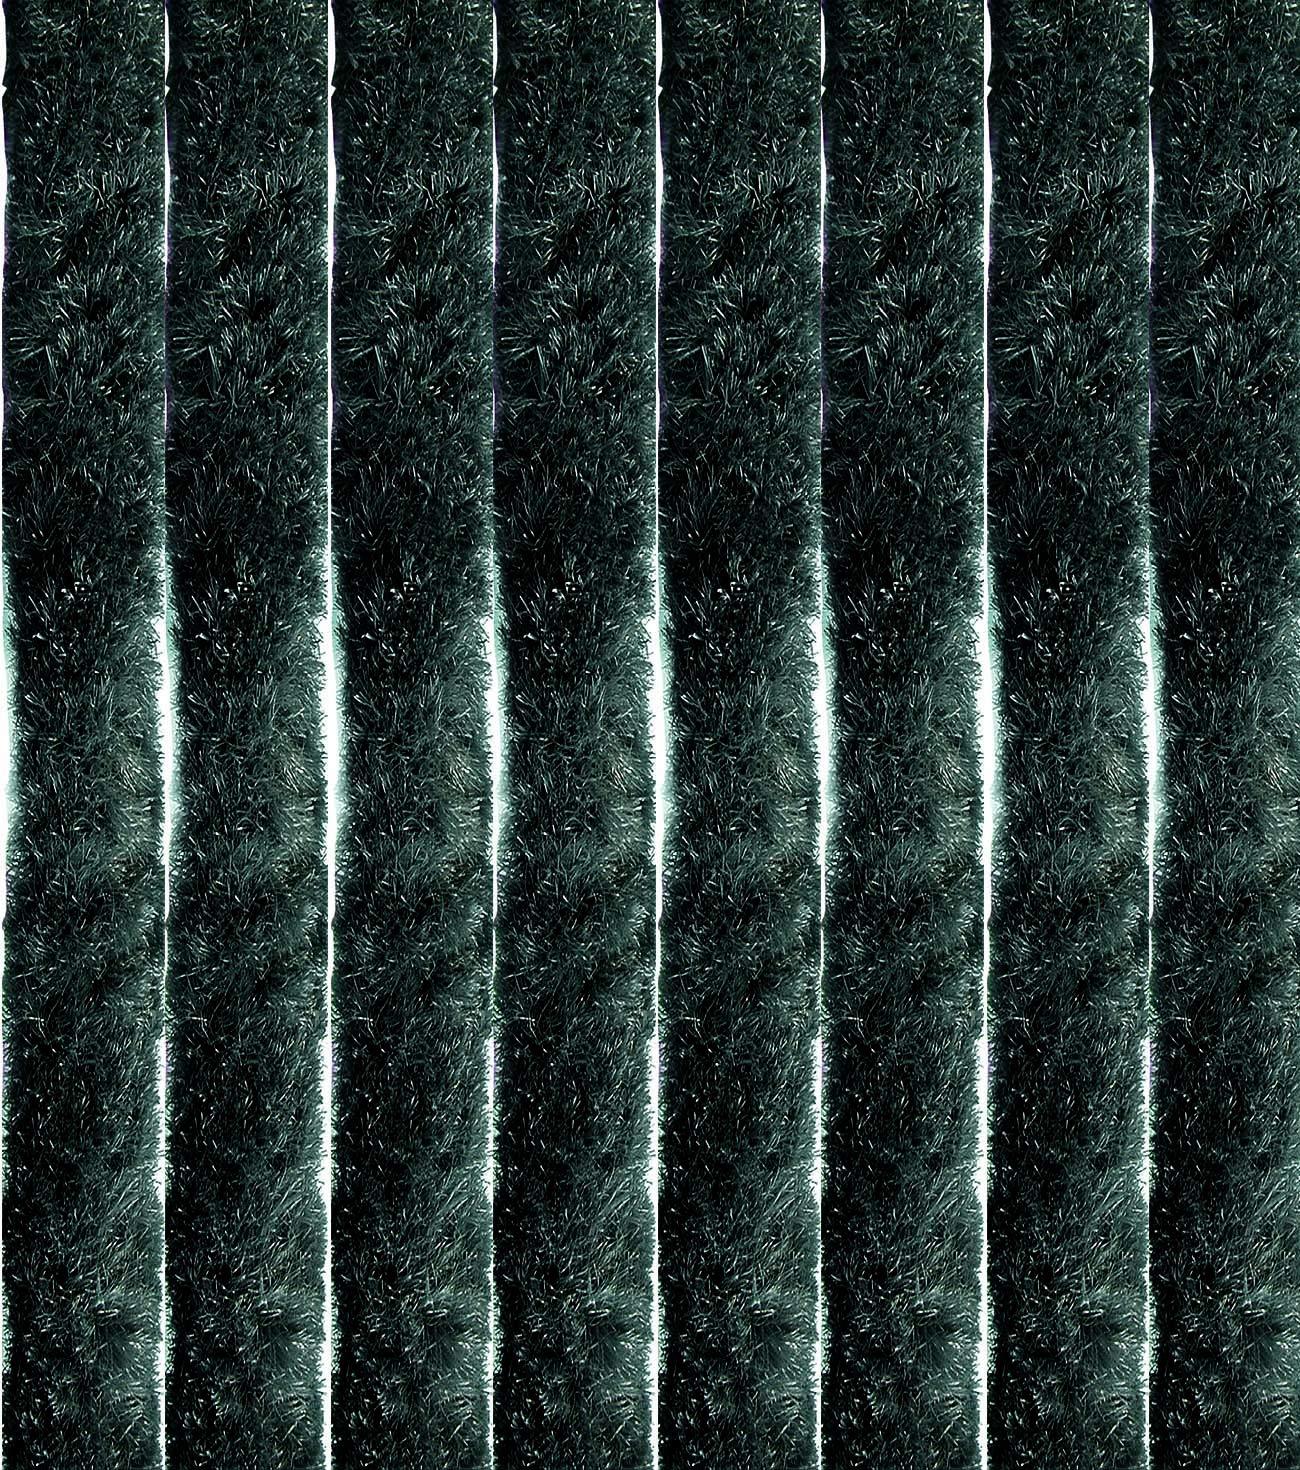 Arsvita Flausch-Vorhang, viele Variationen, Variationen, Variationen, Größe  140x200 cm, Farbe  hellgrau-weiß B01DYHC6SO Vorhnge d56abf